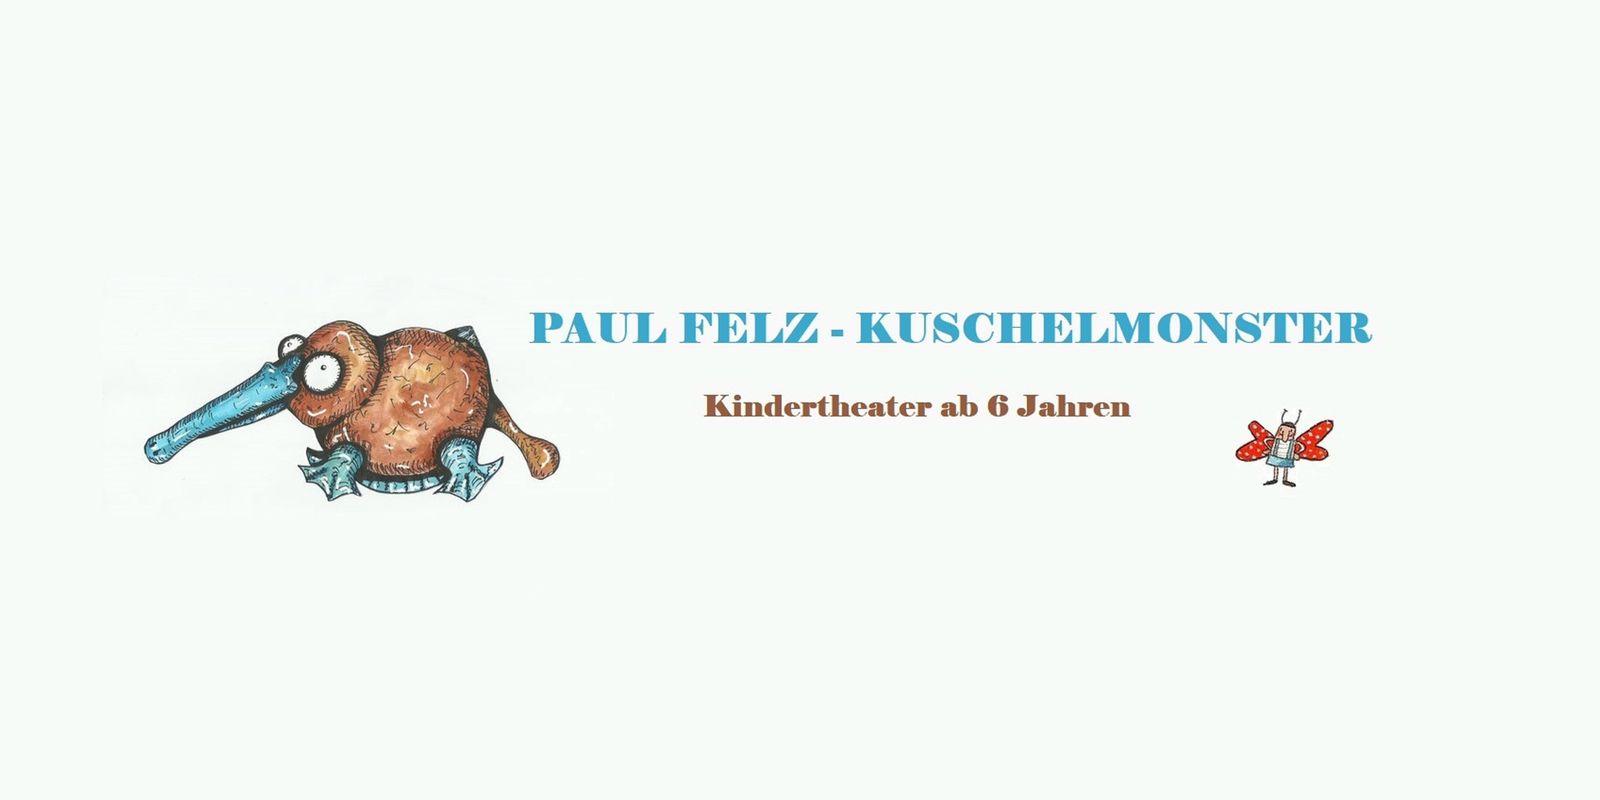 Paul Felz - Kuschelmonster